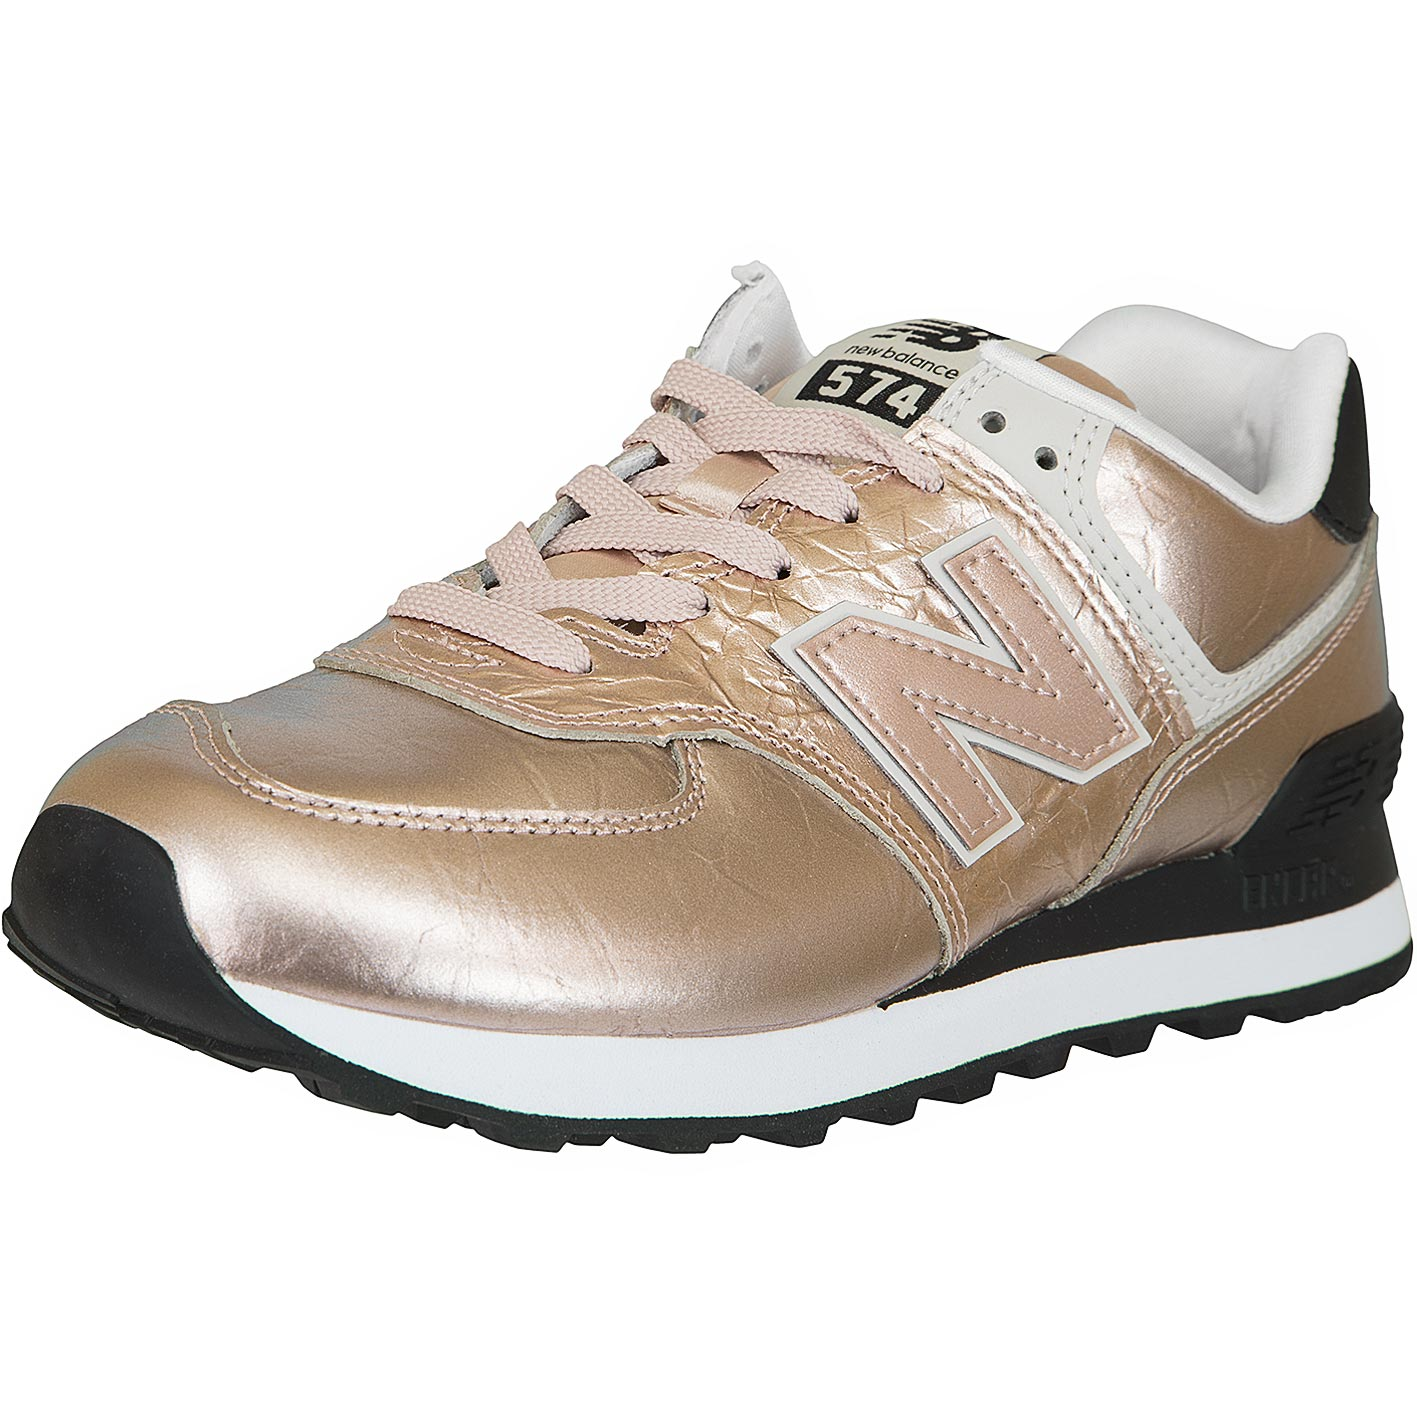 New Balance Damen Sneaker 574 gold